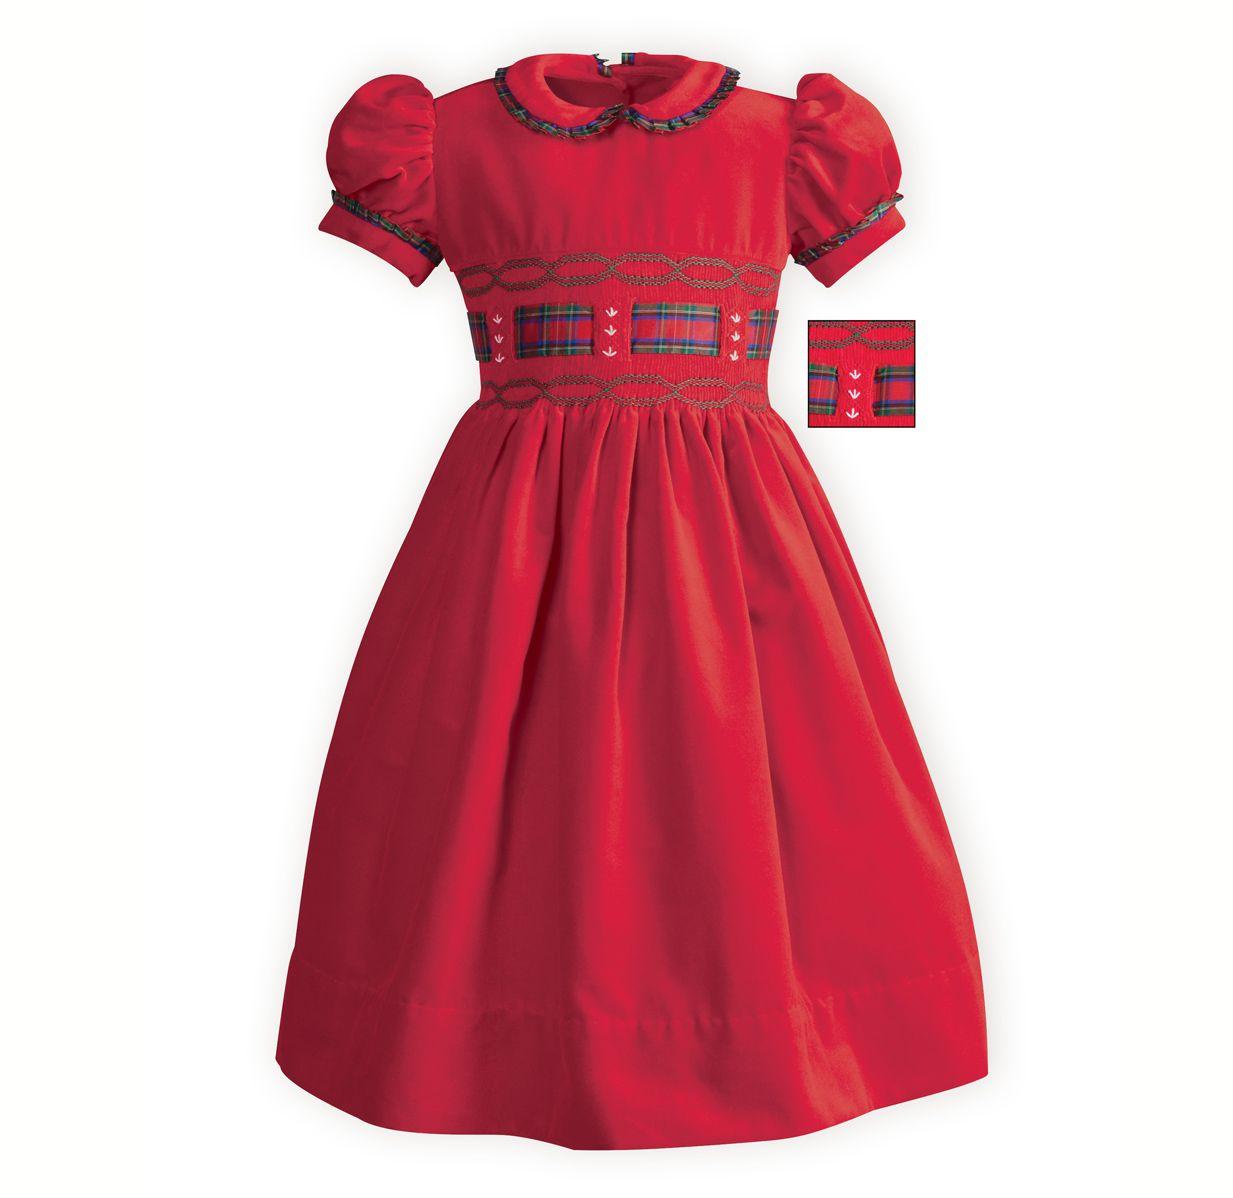 Blue christmas dress 4t - Christmas Traditions Red Velvet Dress